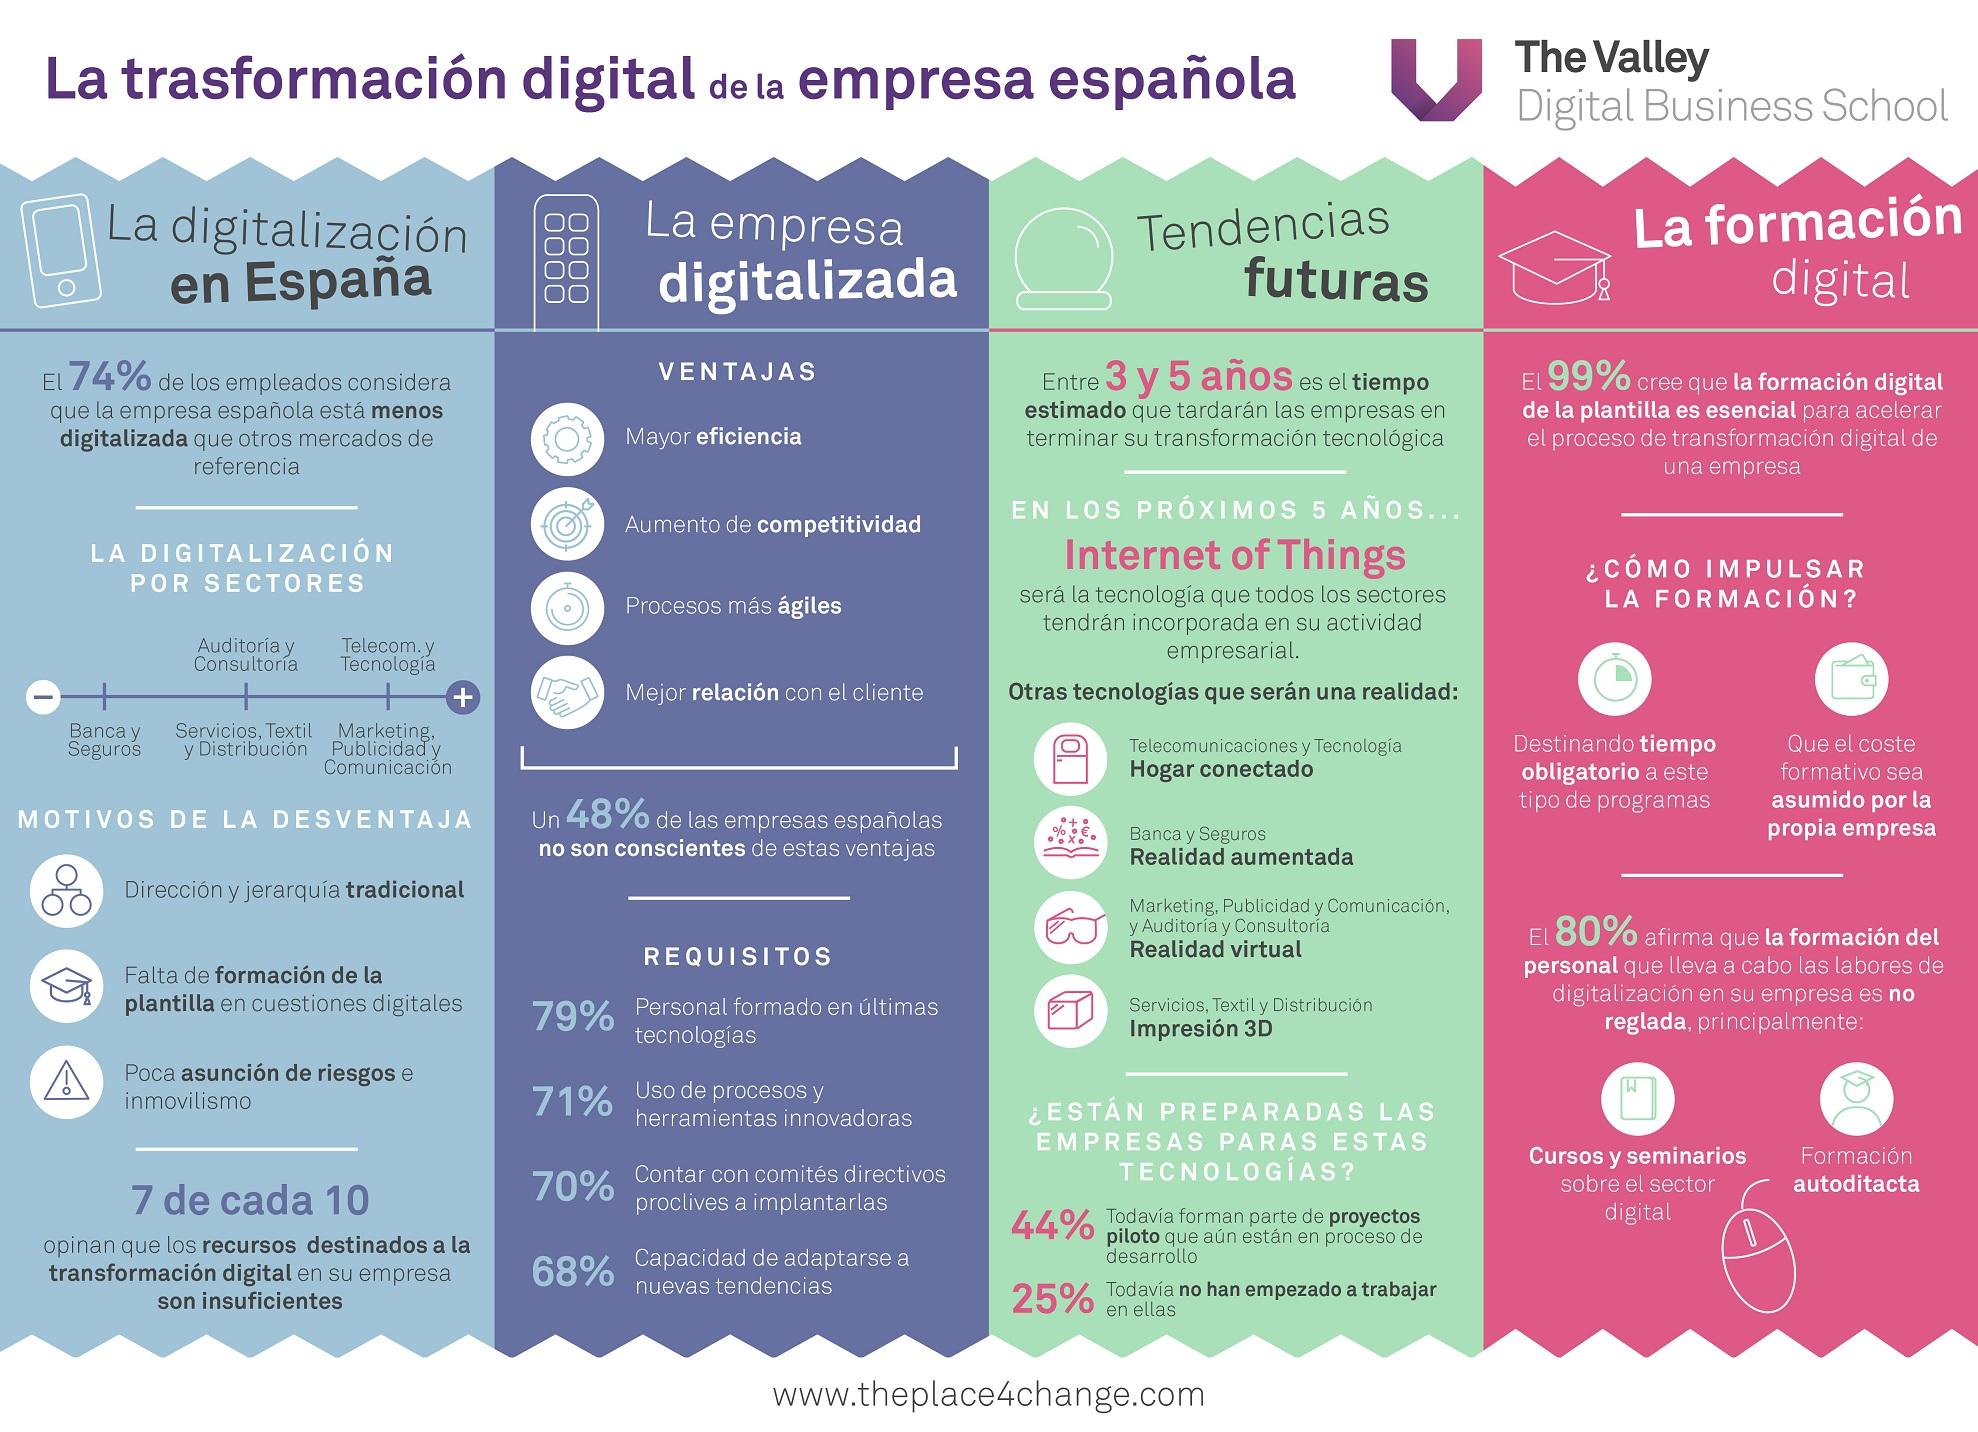 infografia-transformacion-digi-tal-en-la-empresa-espanola